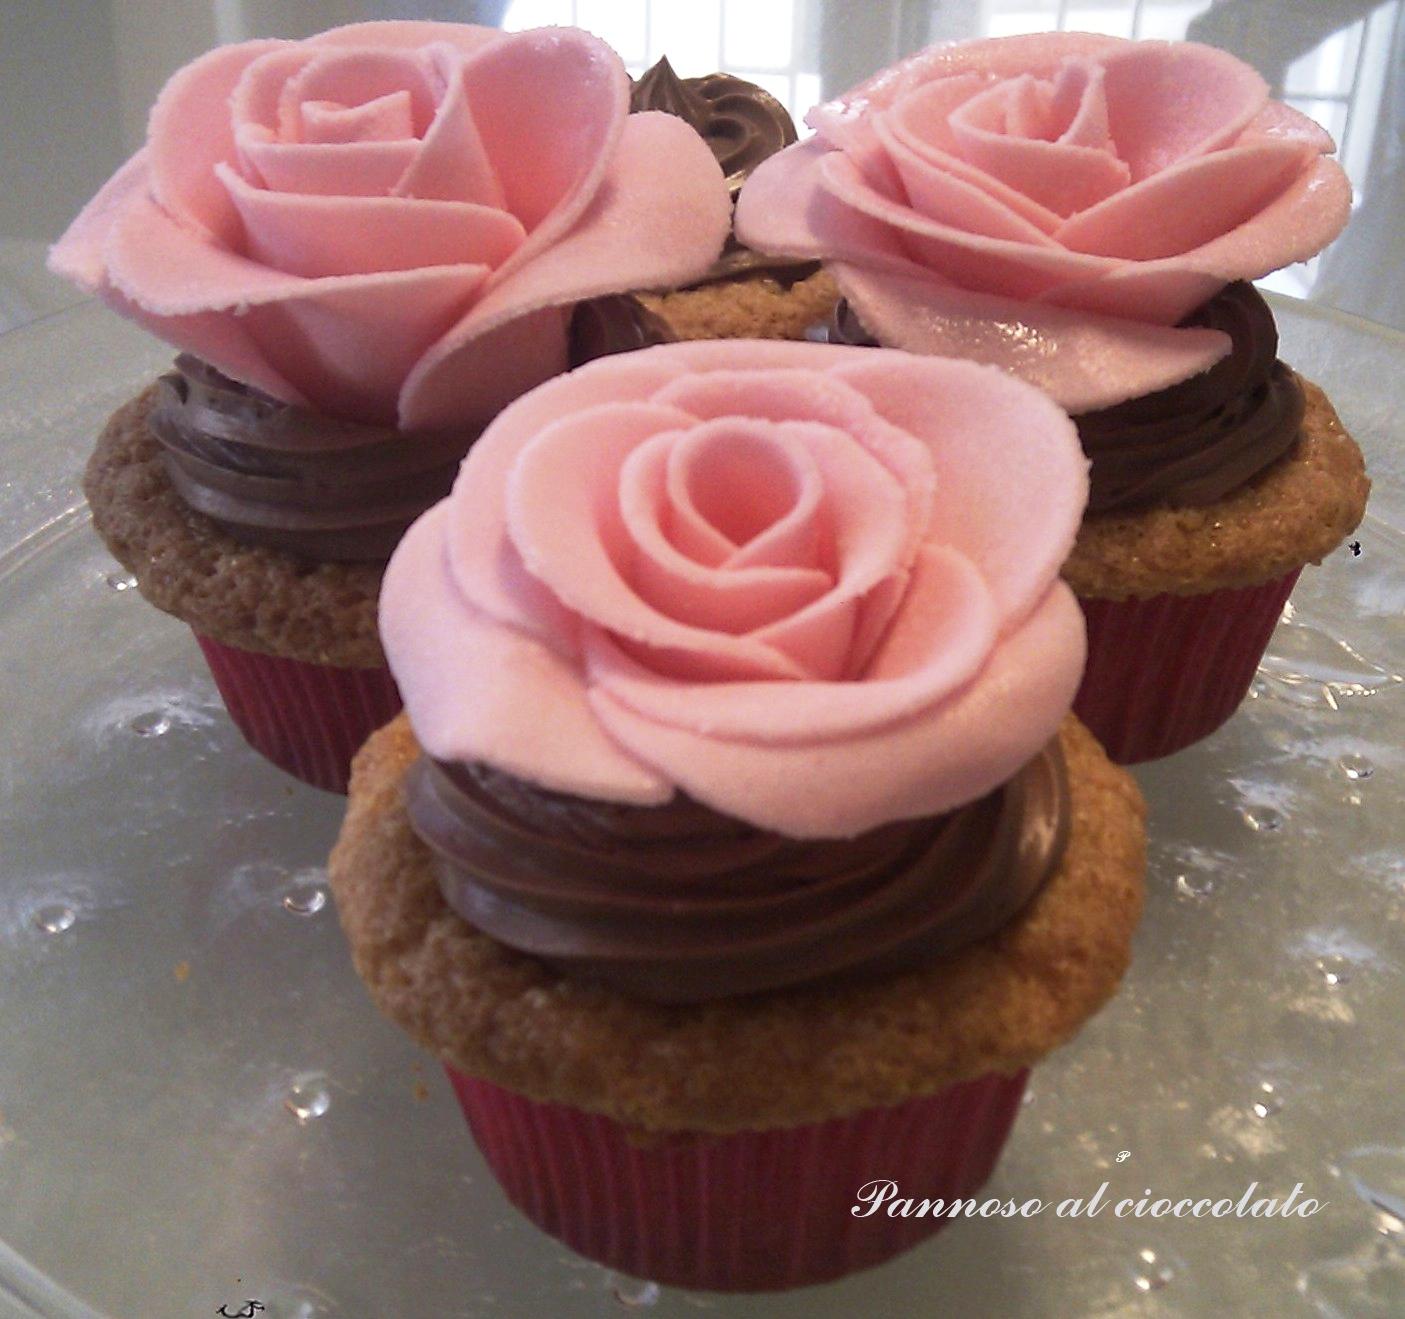 Cupcake al cioccolato bianco con ganache al cioccolato